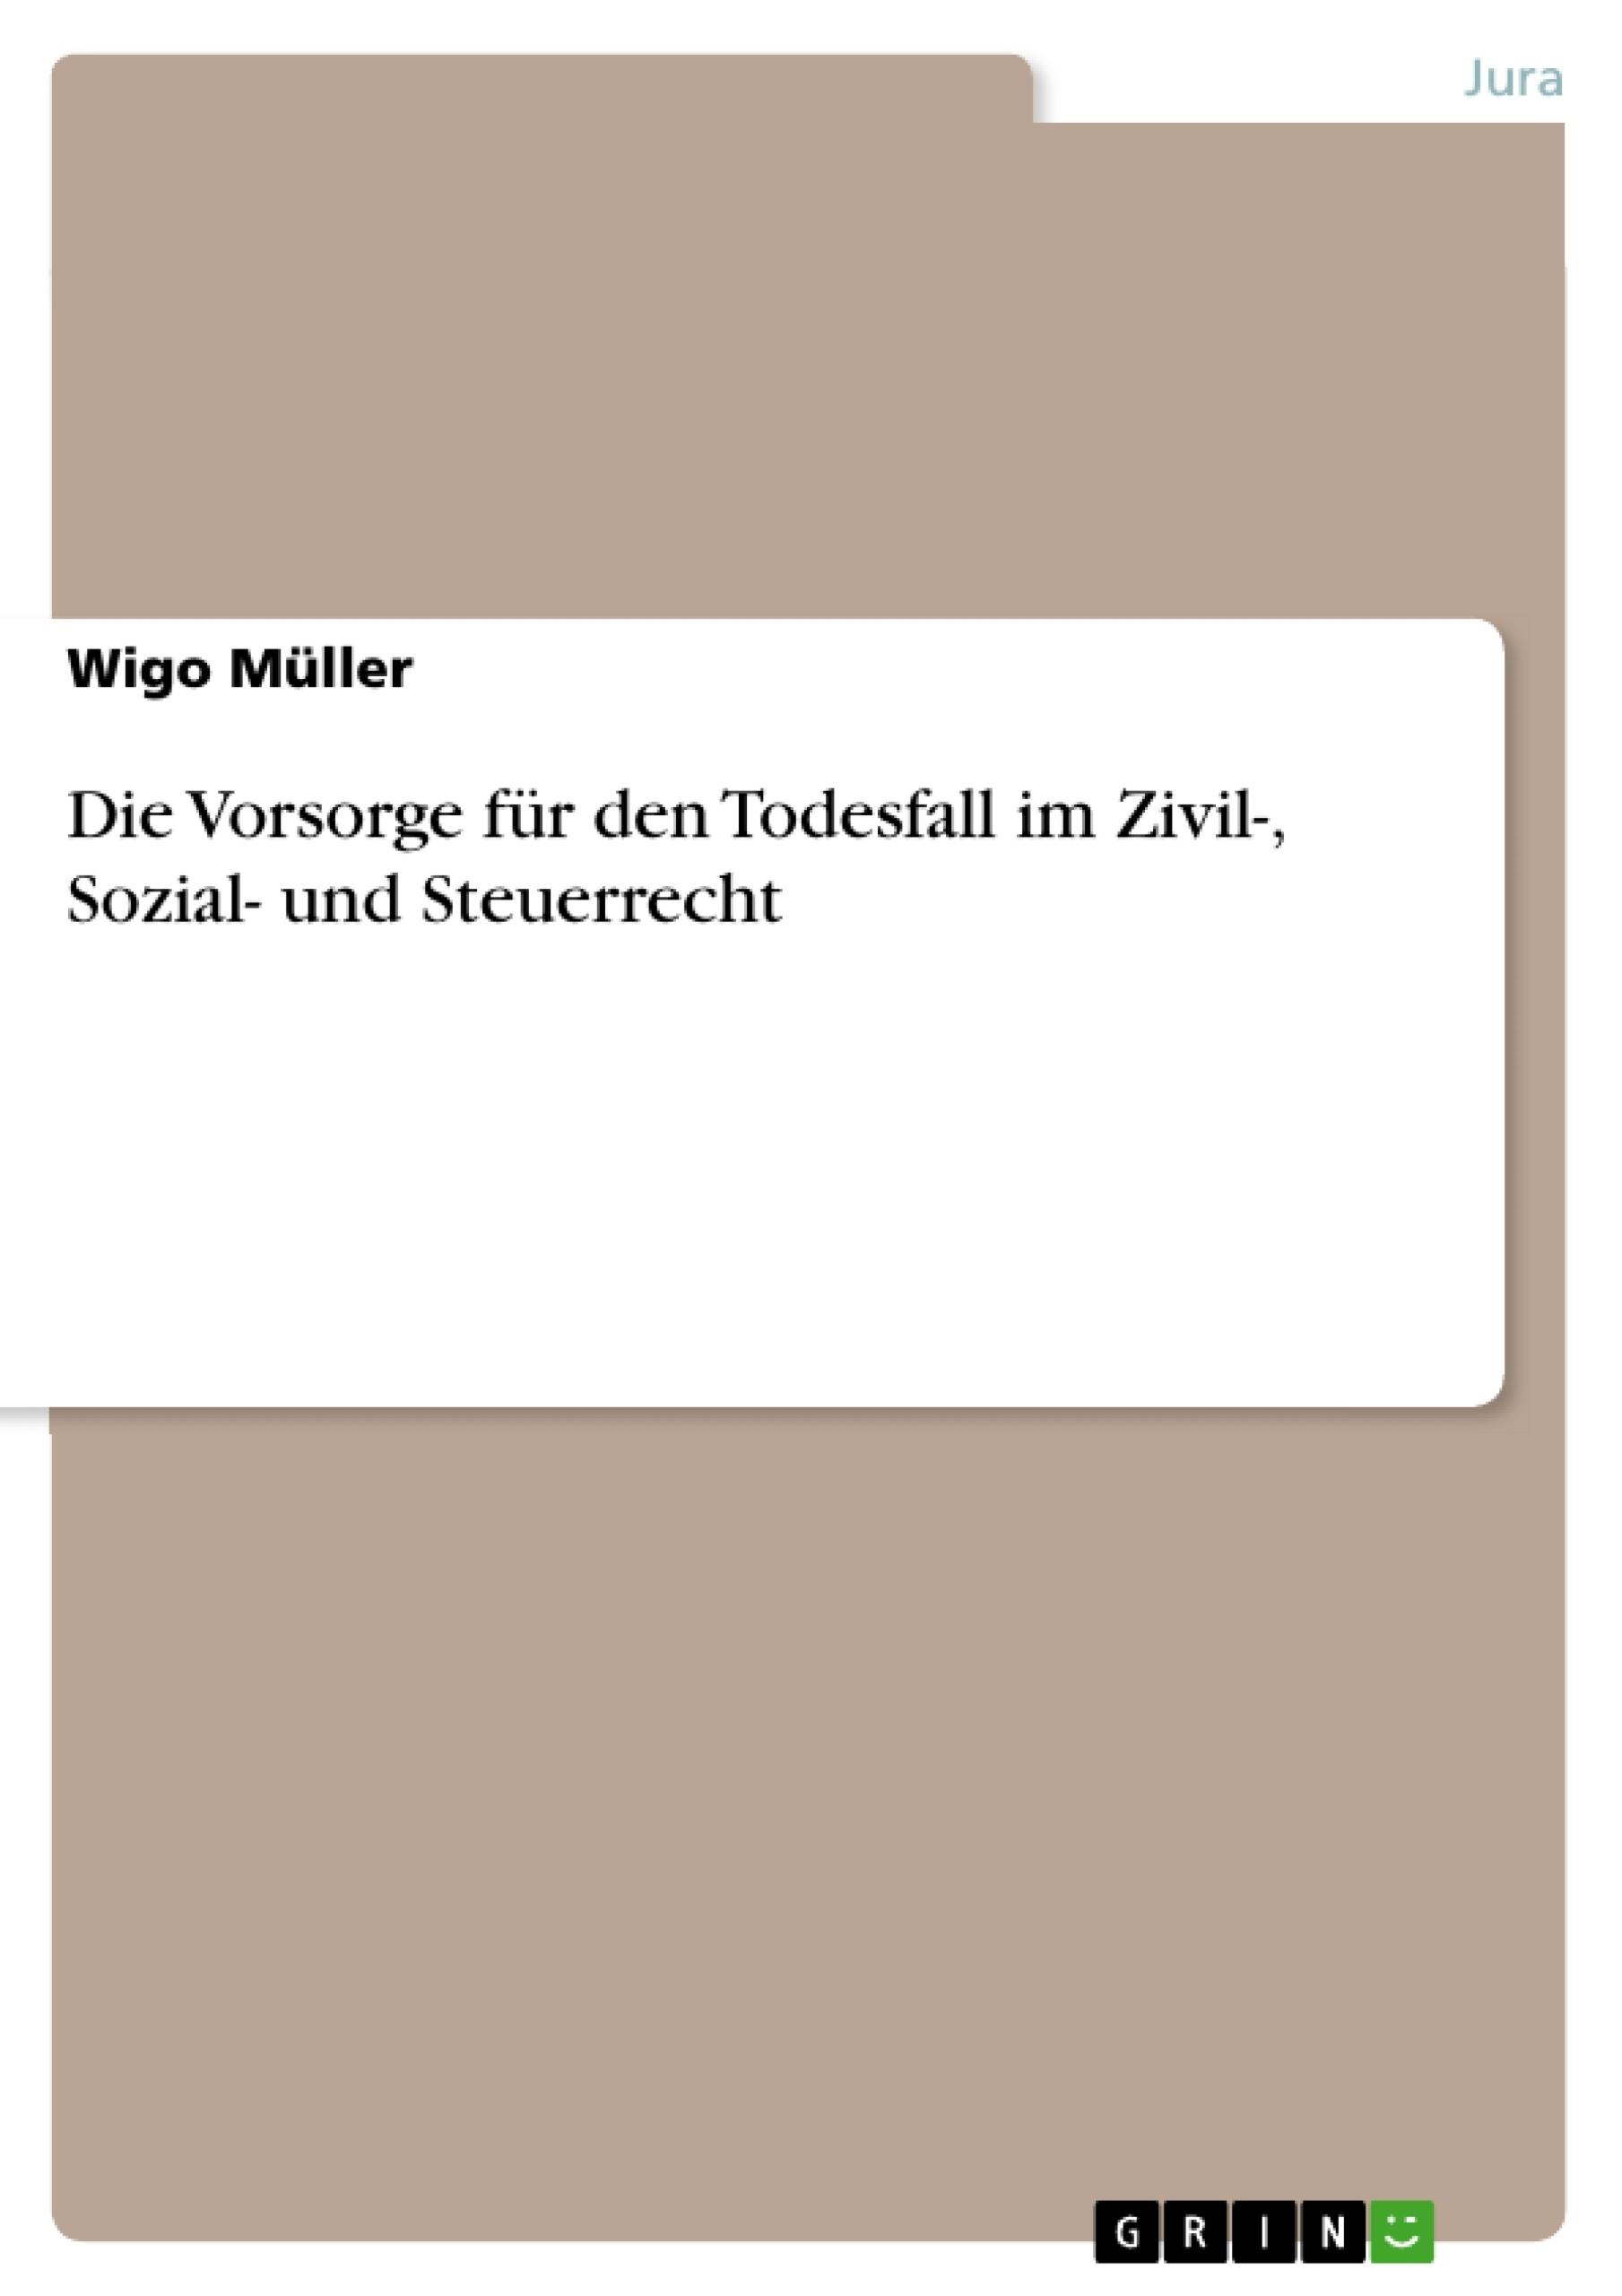 Titel: Die Vorsorge für den Todesfall im Zivil-, Sozial- und Steuerrecht